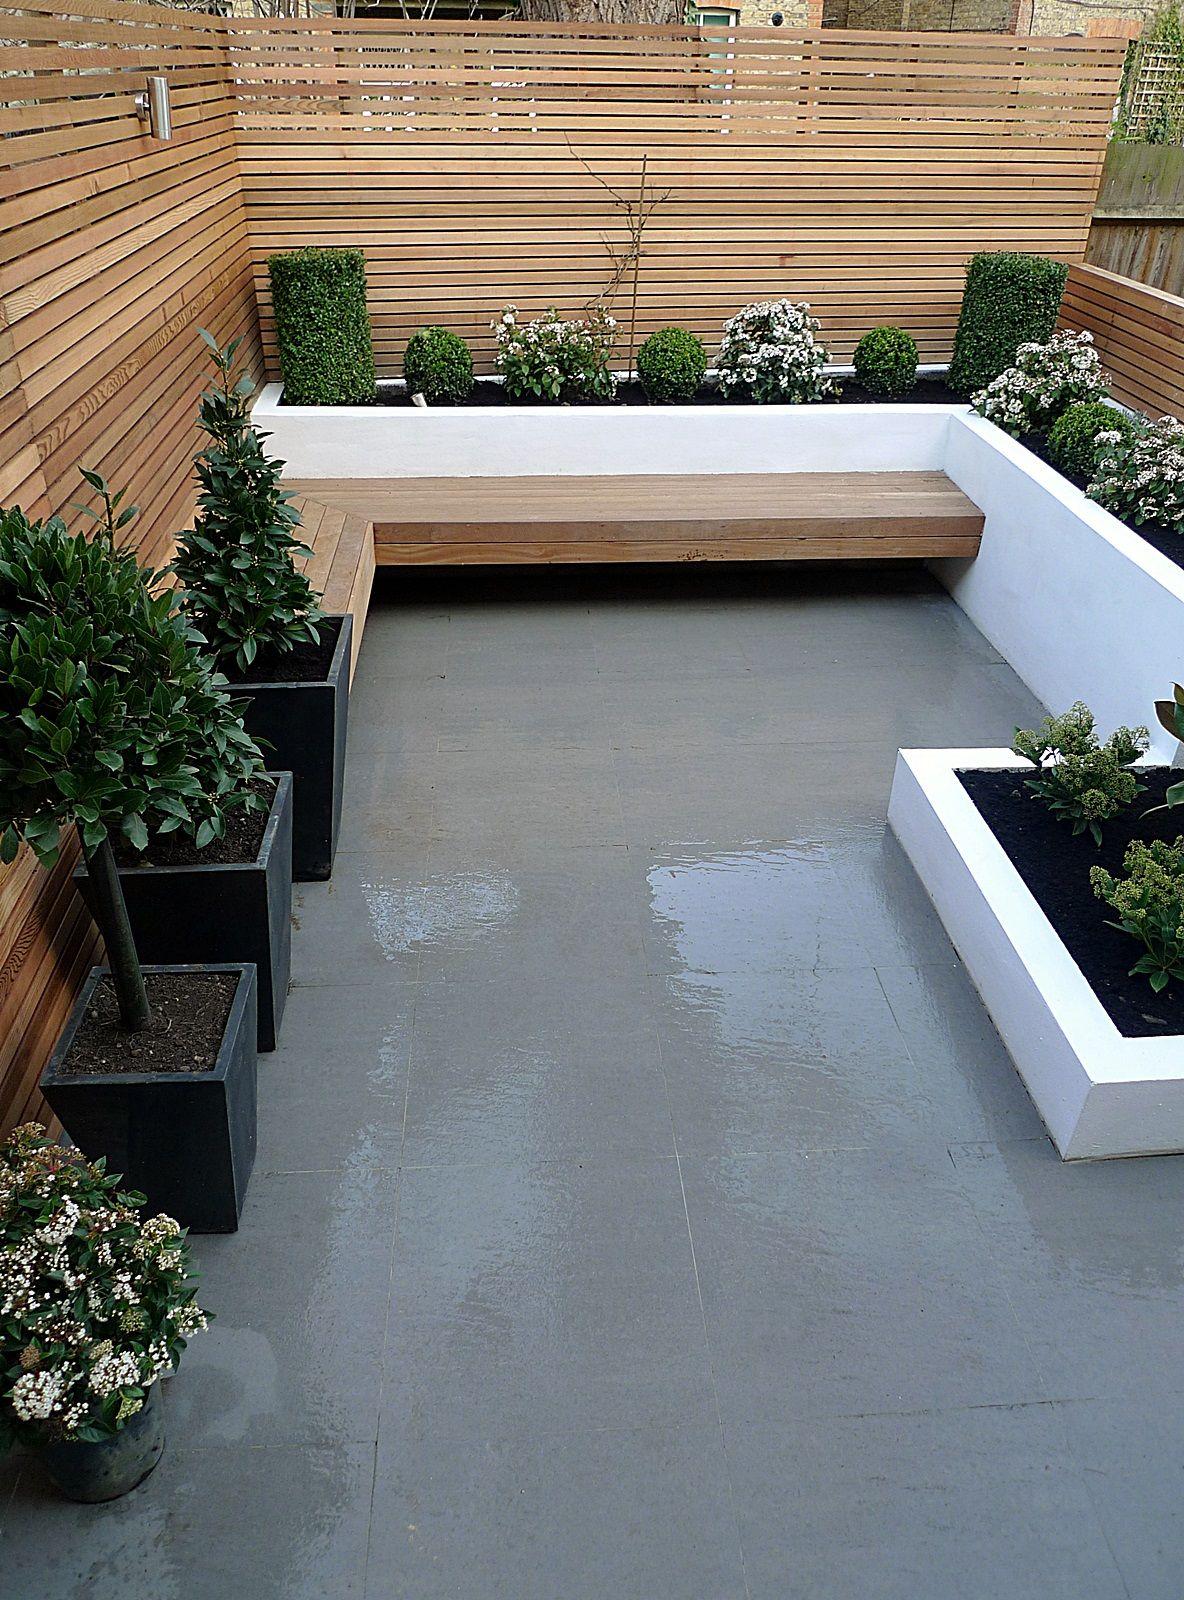 Garden shelter ideas home  Garden design designer clapham balham battersea small low